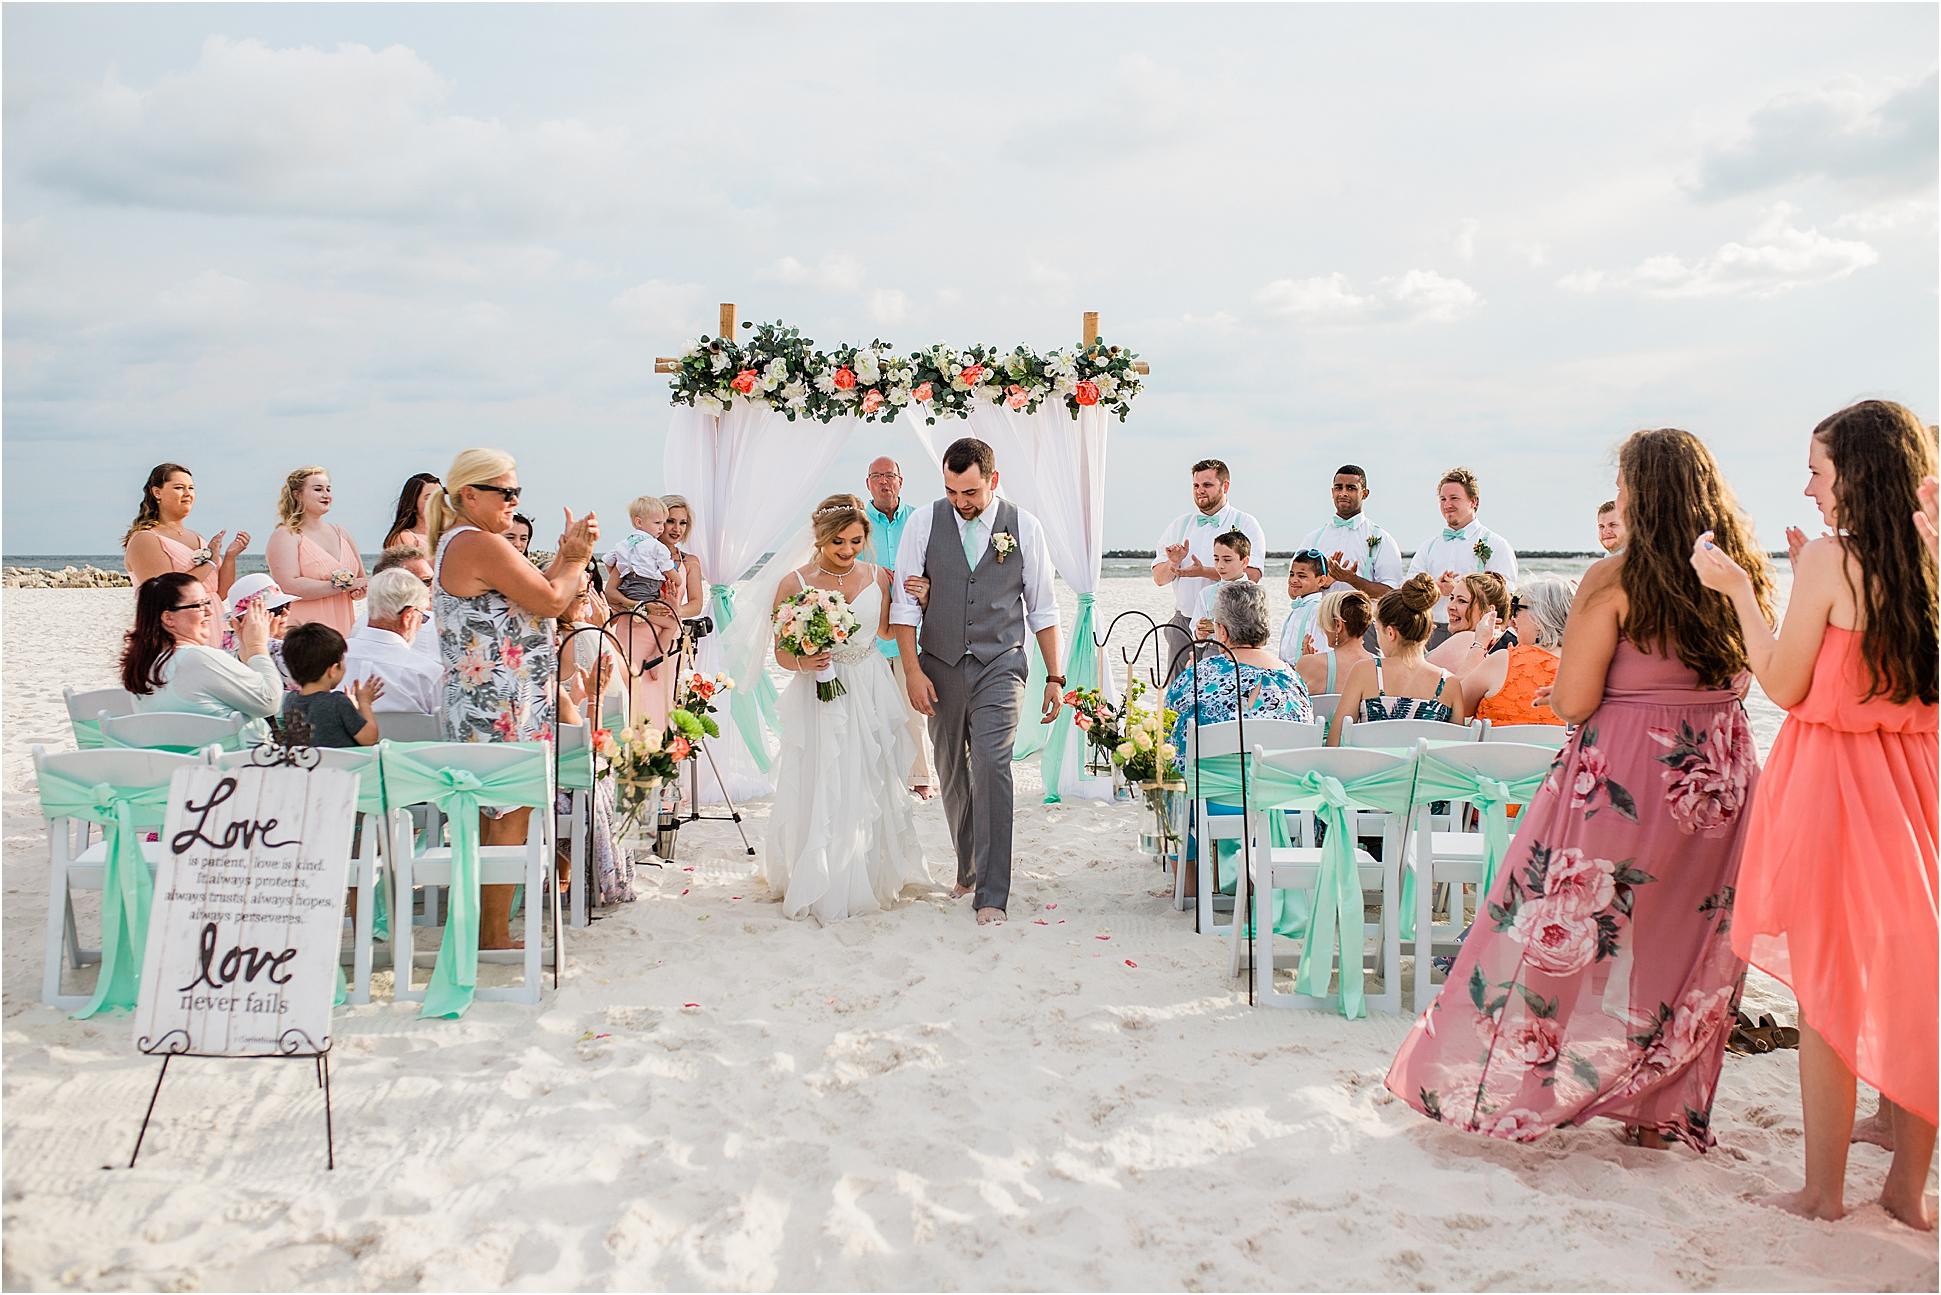 Wedding Rentals in Gulf Shores, Alabama